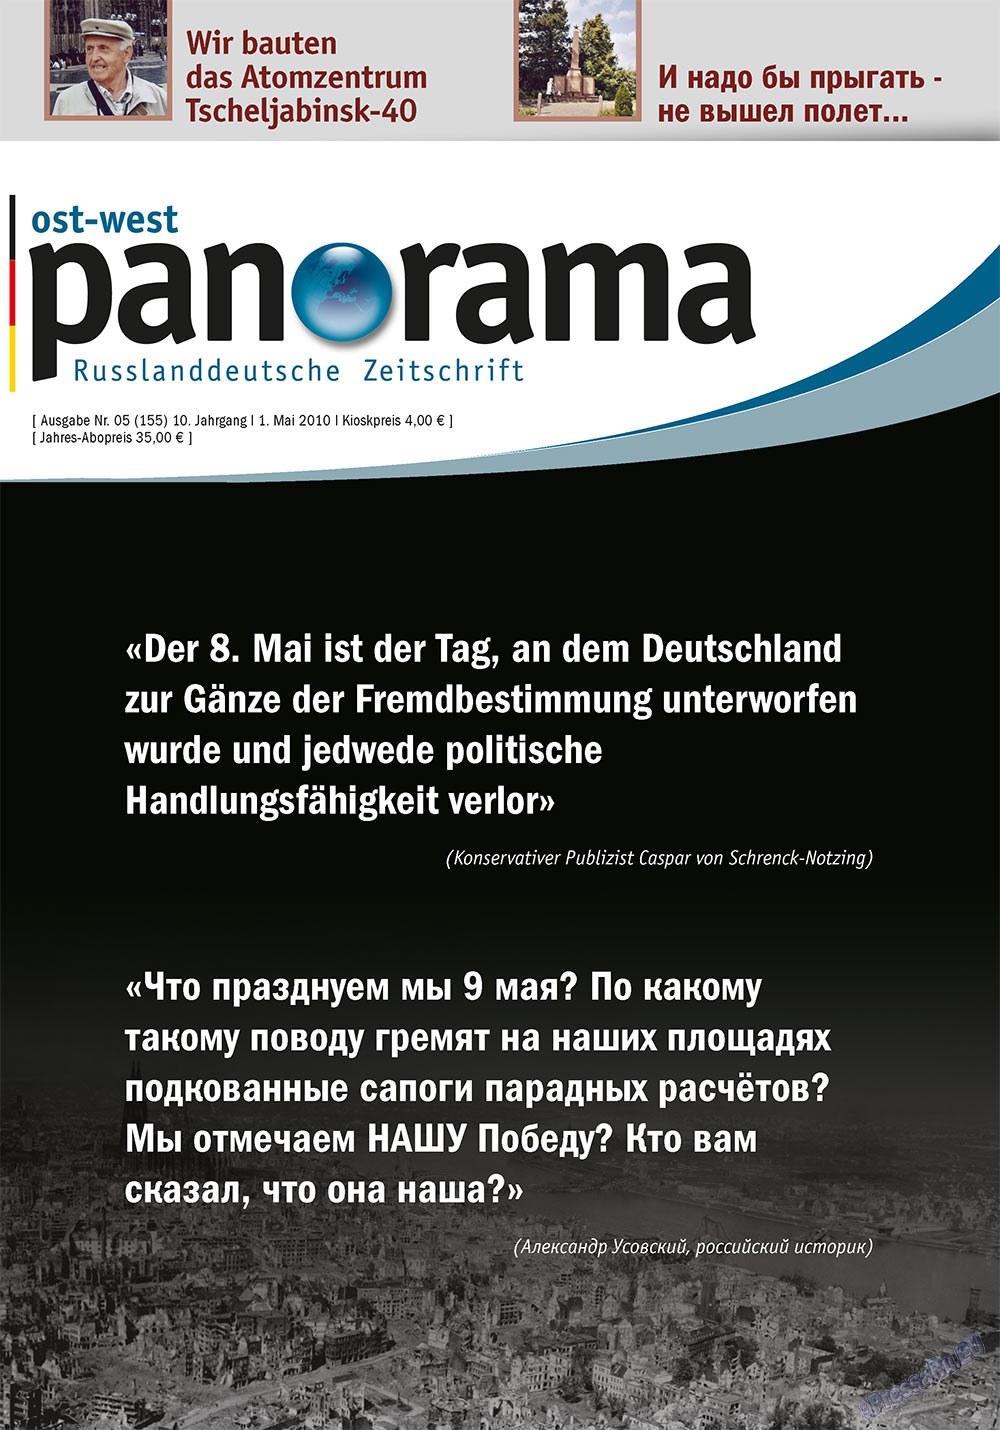 Ost-West Panorama (журнал). 2010 год, номер 5, стр. 1